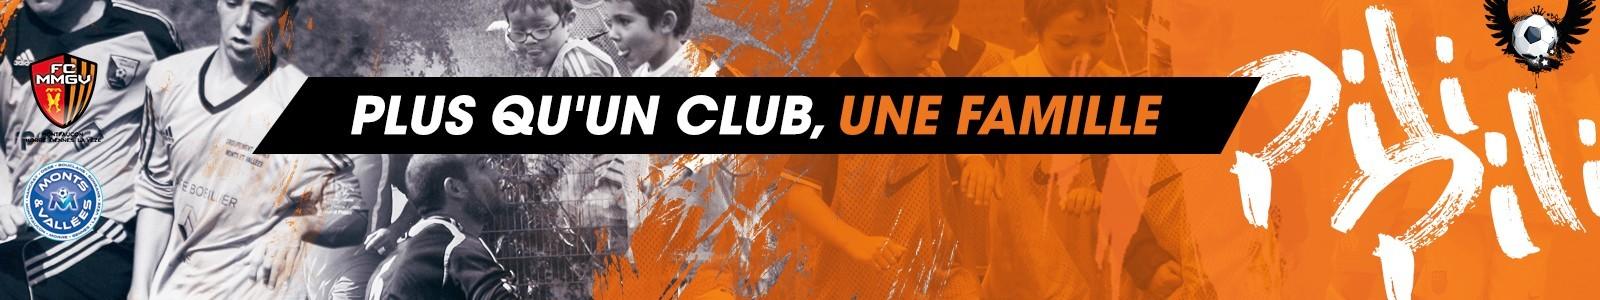 Site Internet officiel du club de football Football Club Montfaucon Morre Gennes La Vèze